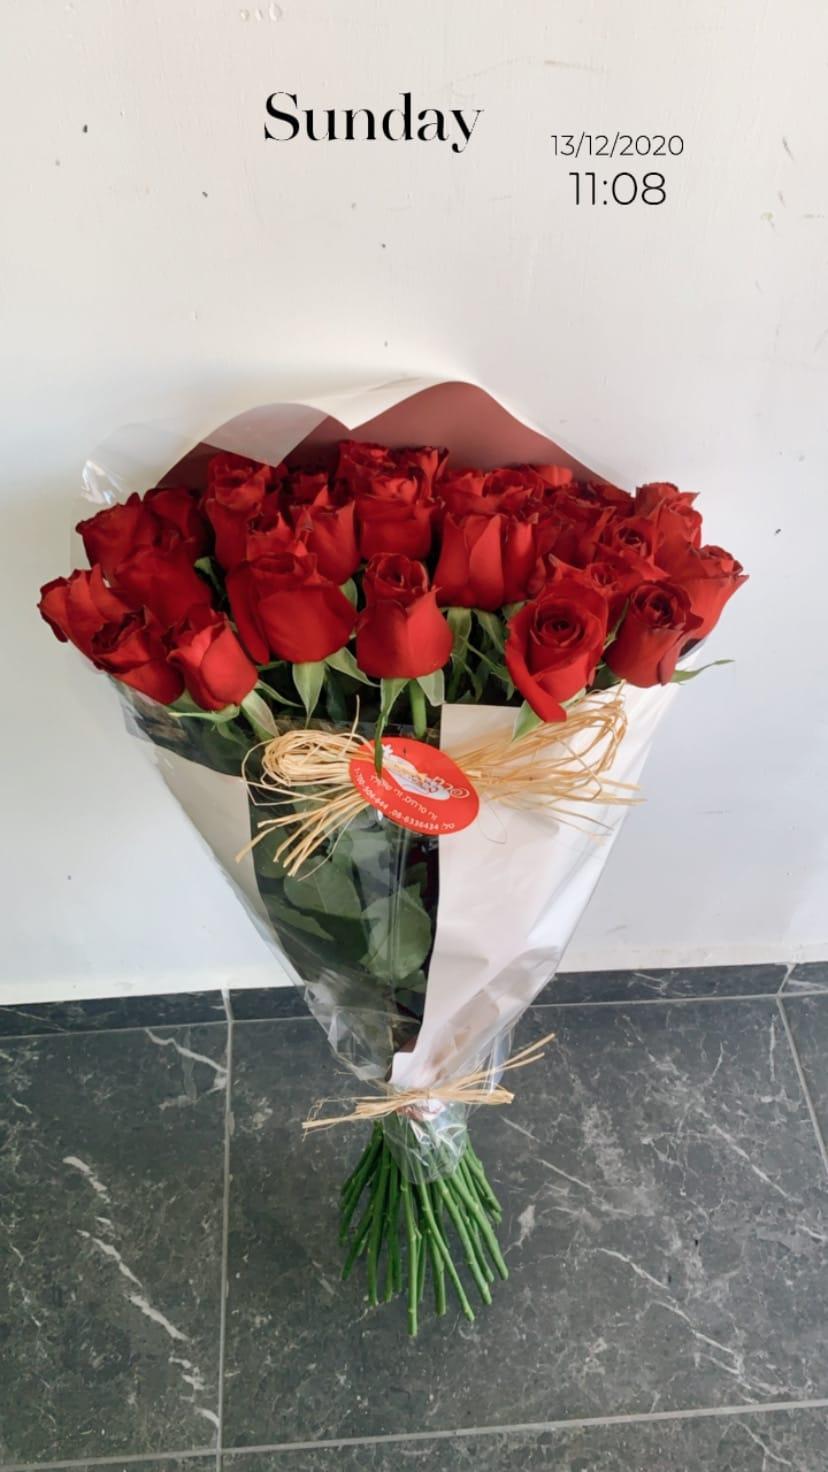 ורדים בנייר ורוד - פרח באהבה - אילת